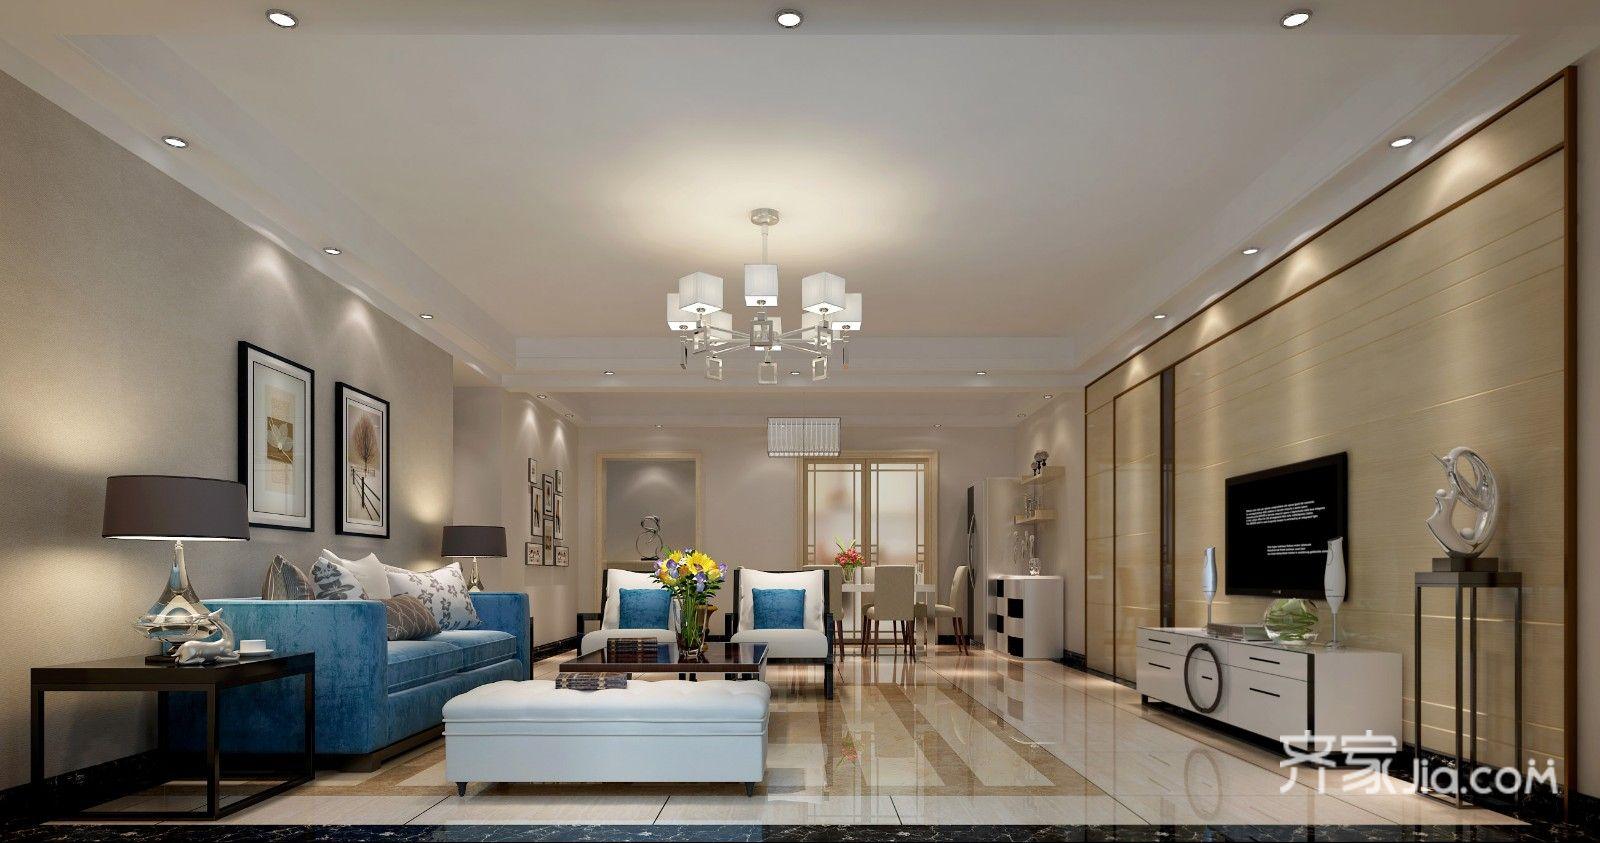 140平米现代风格客厅装修效果图